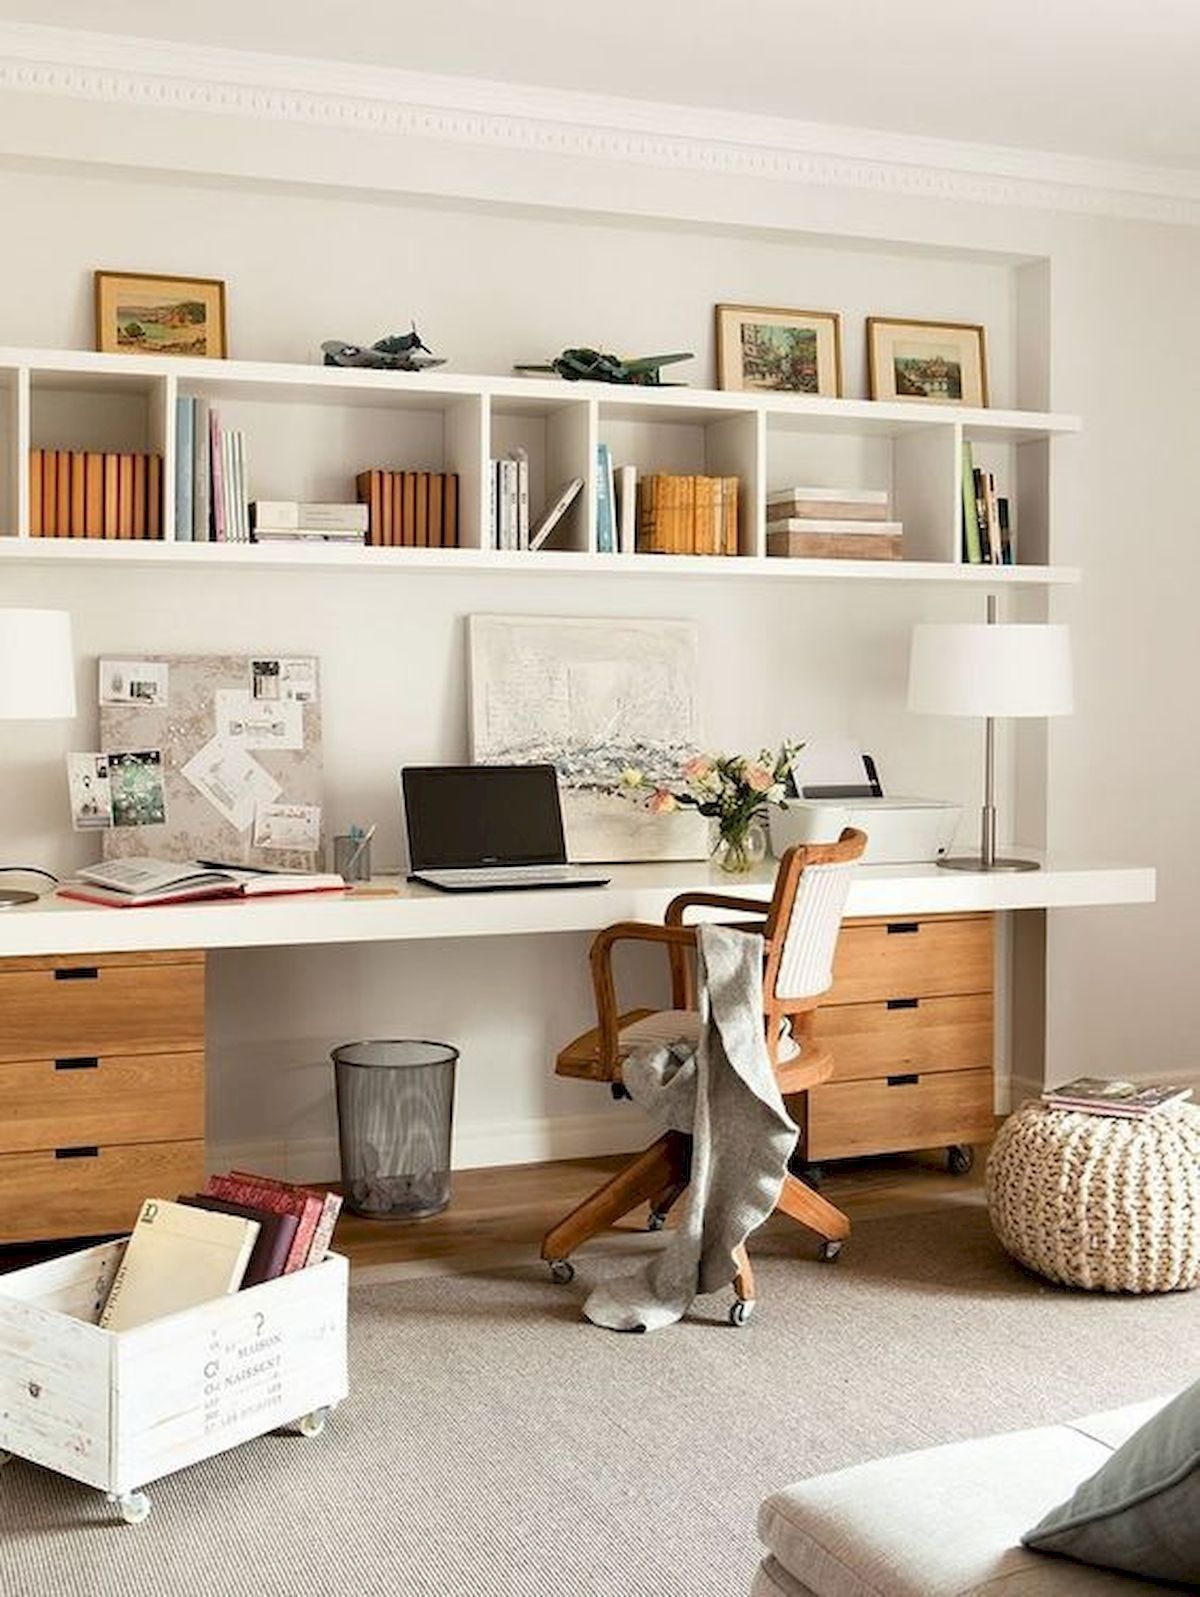 55 Incredible DIY Office Desk Design Ideas and Decor 41 diy #55 #incredible #diy #office #desk #design #ideas #and #decor #41